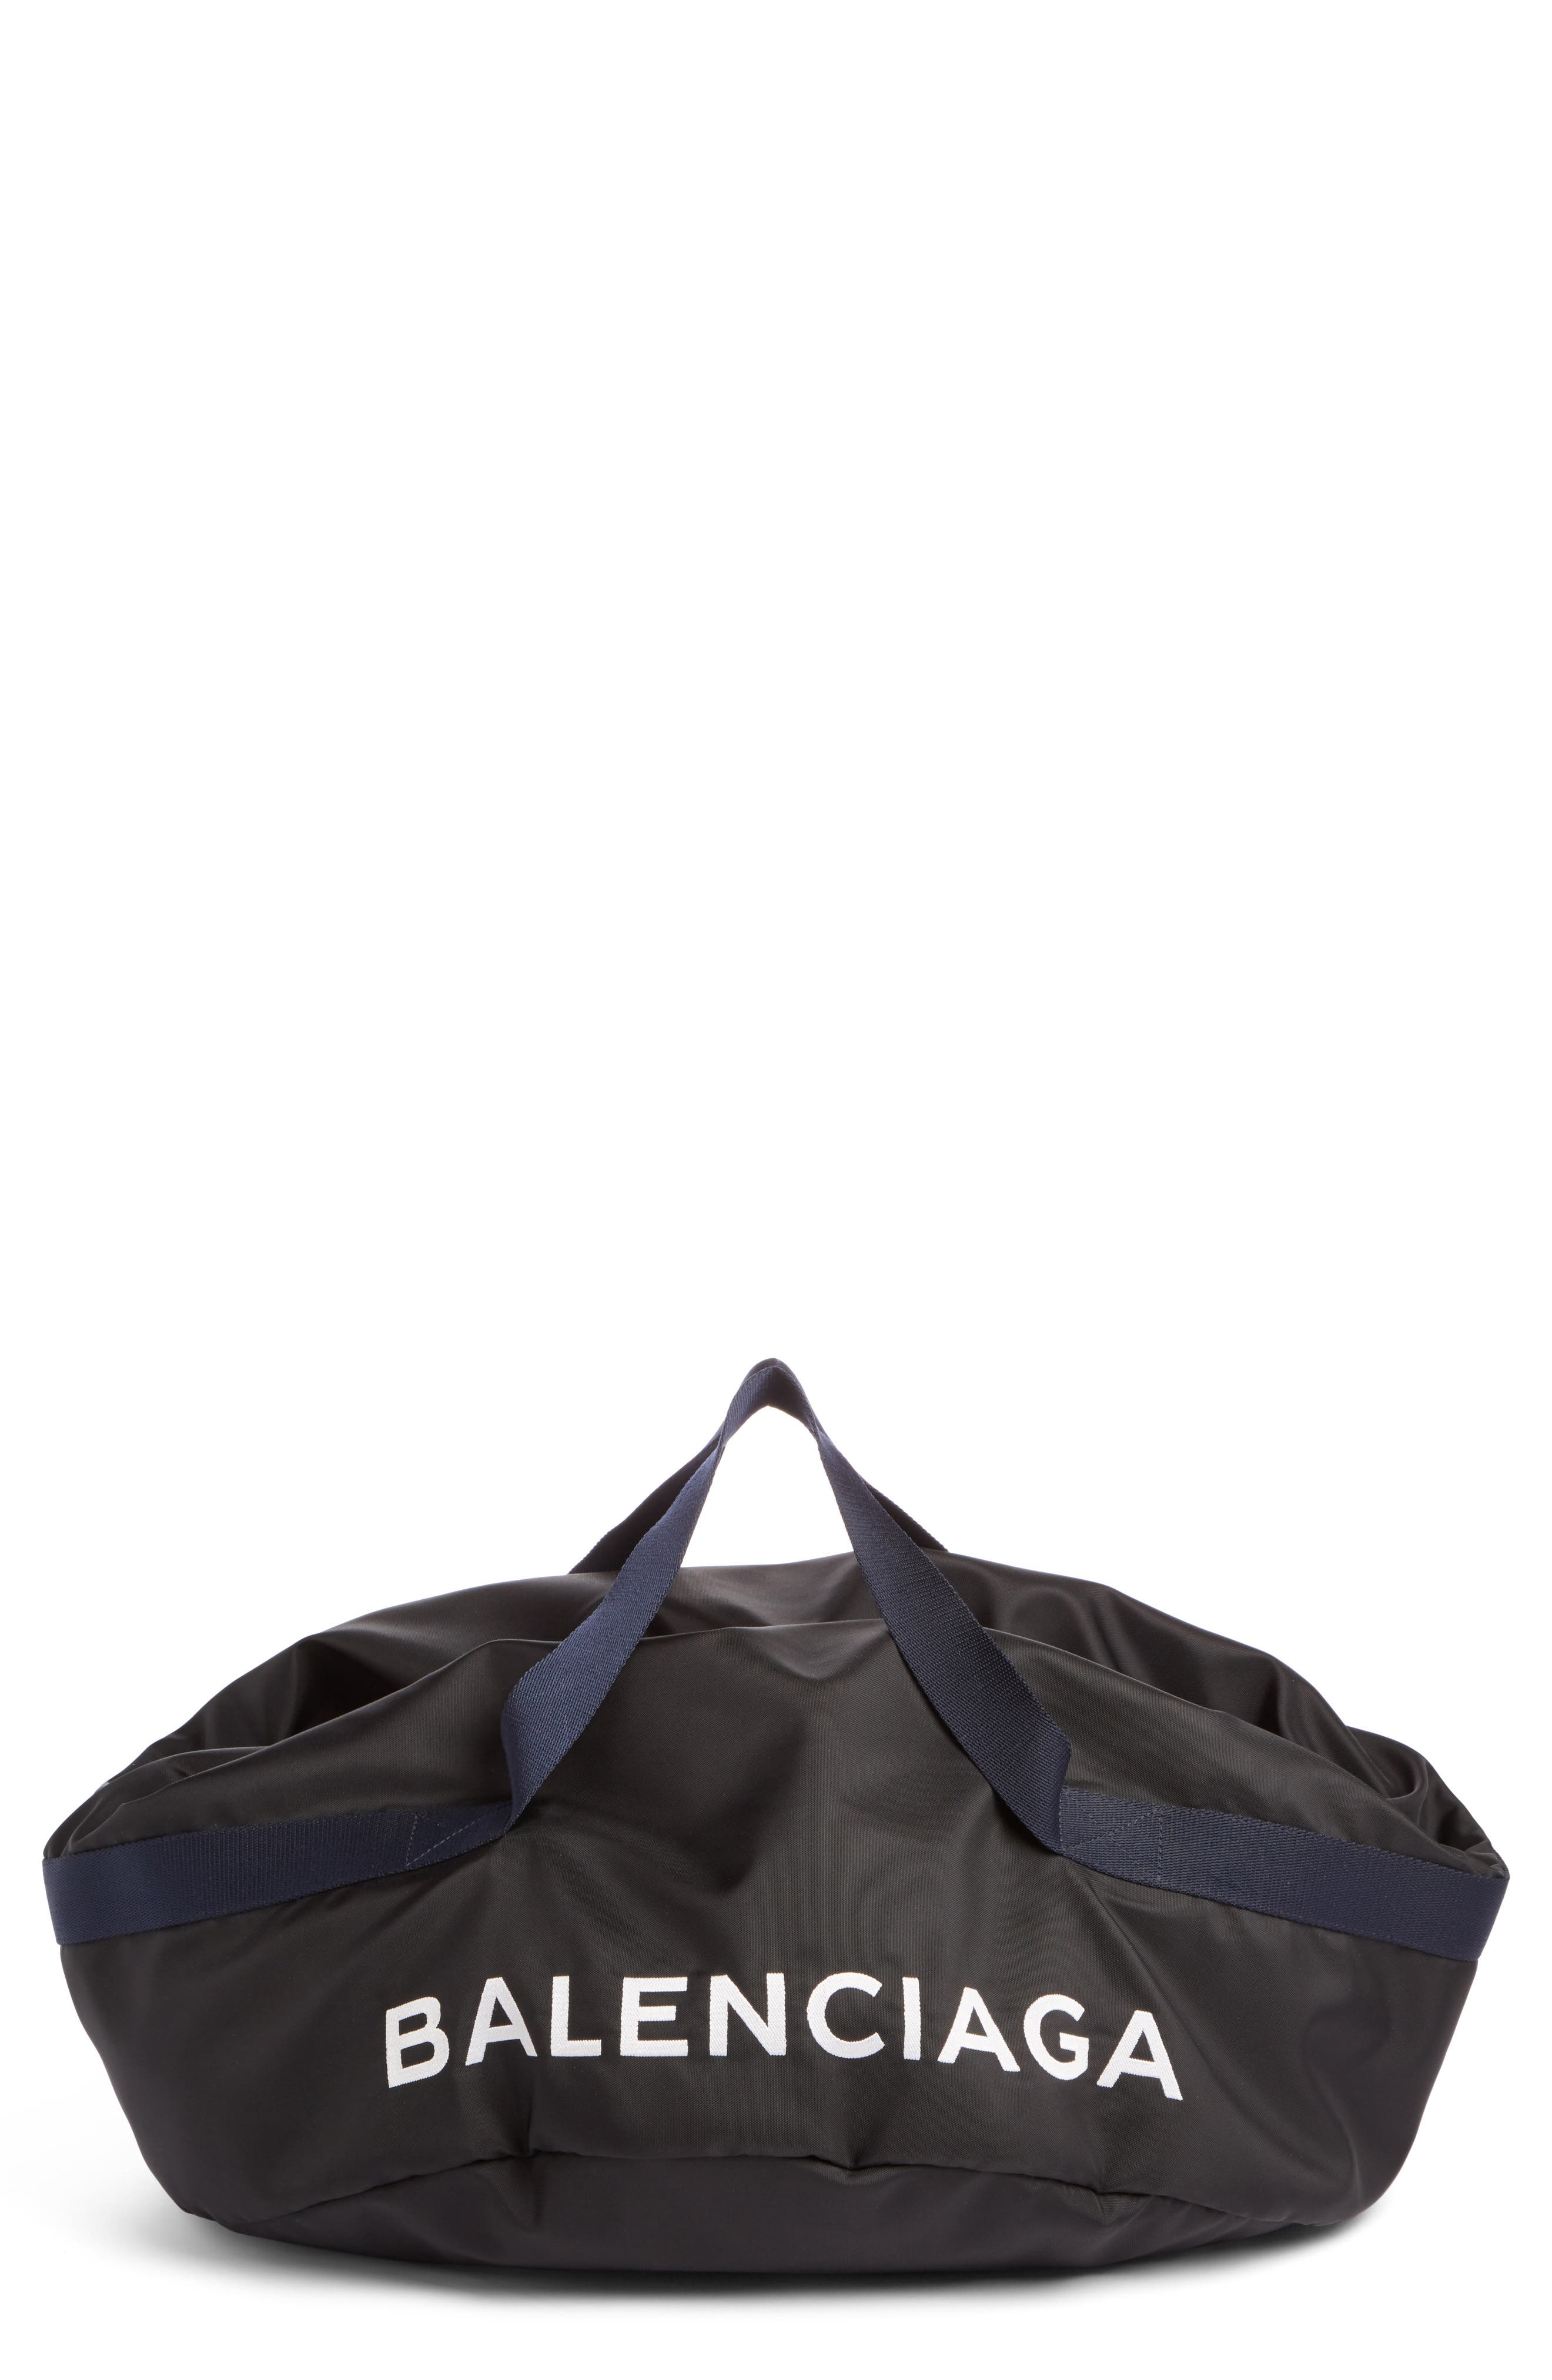 Balenciaga Large Wheel Bag